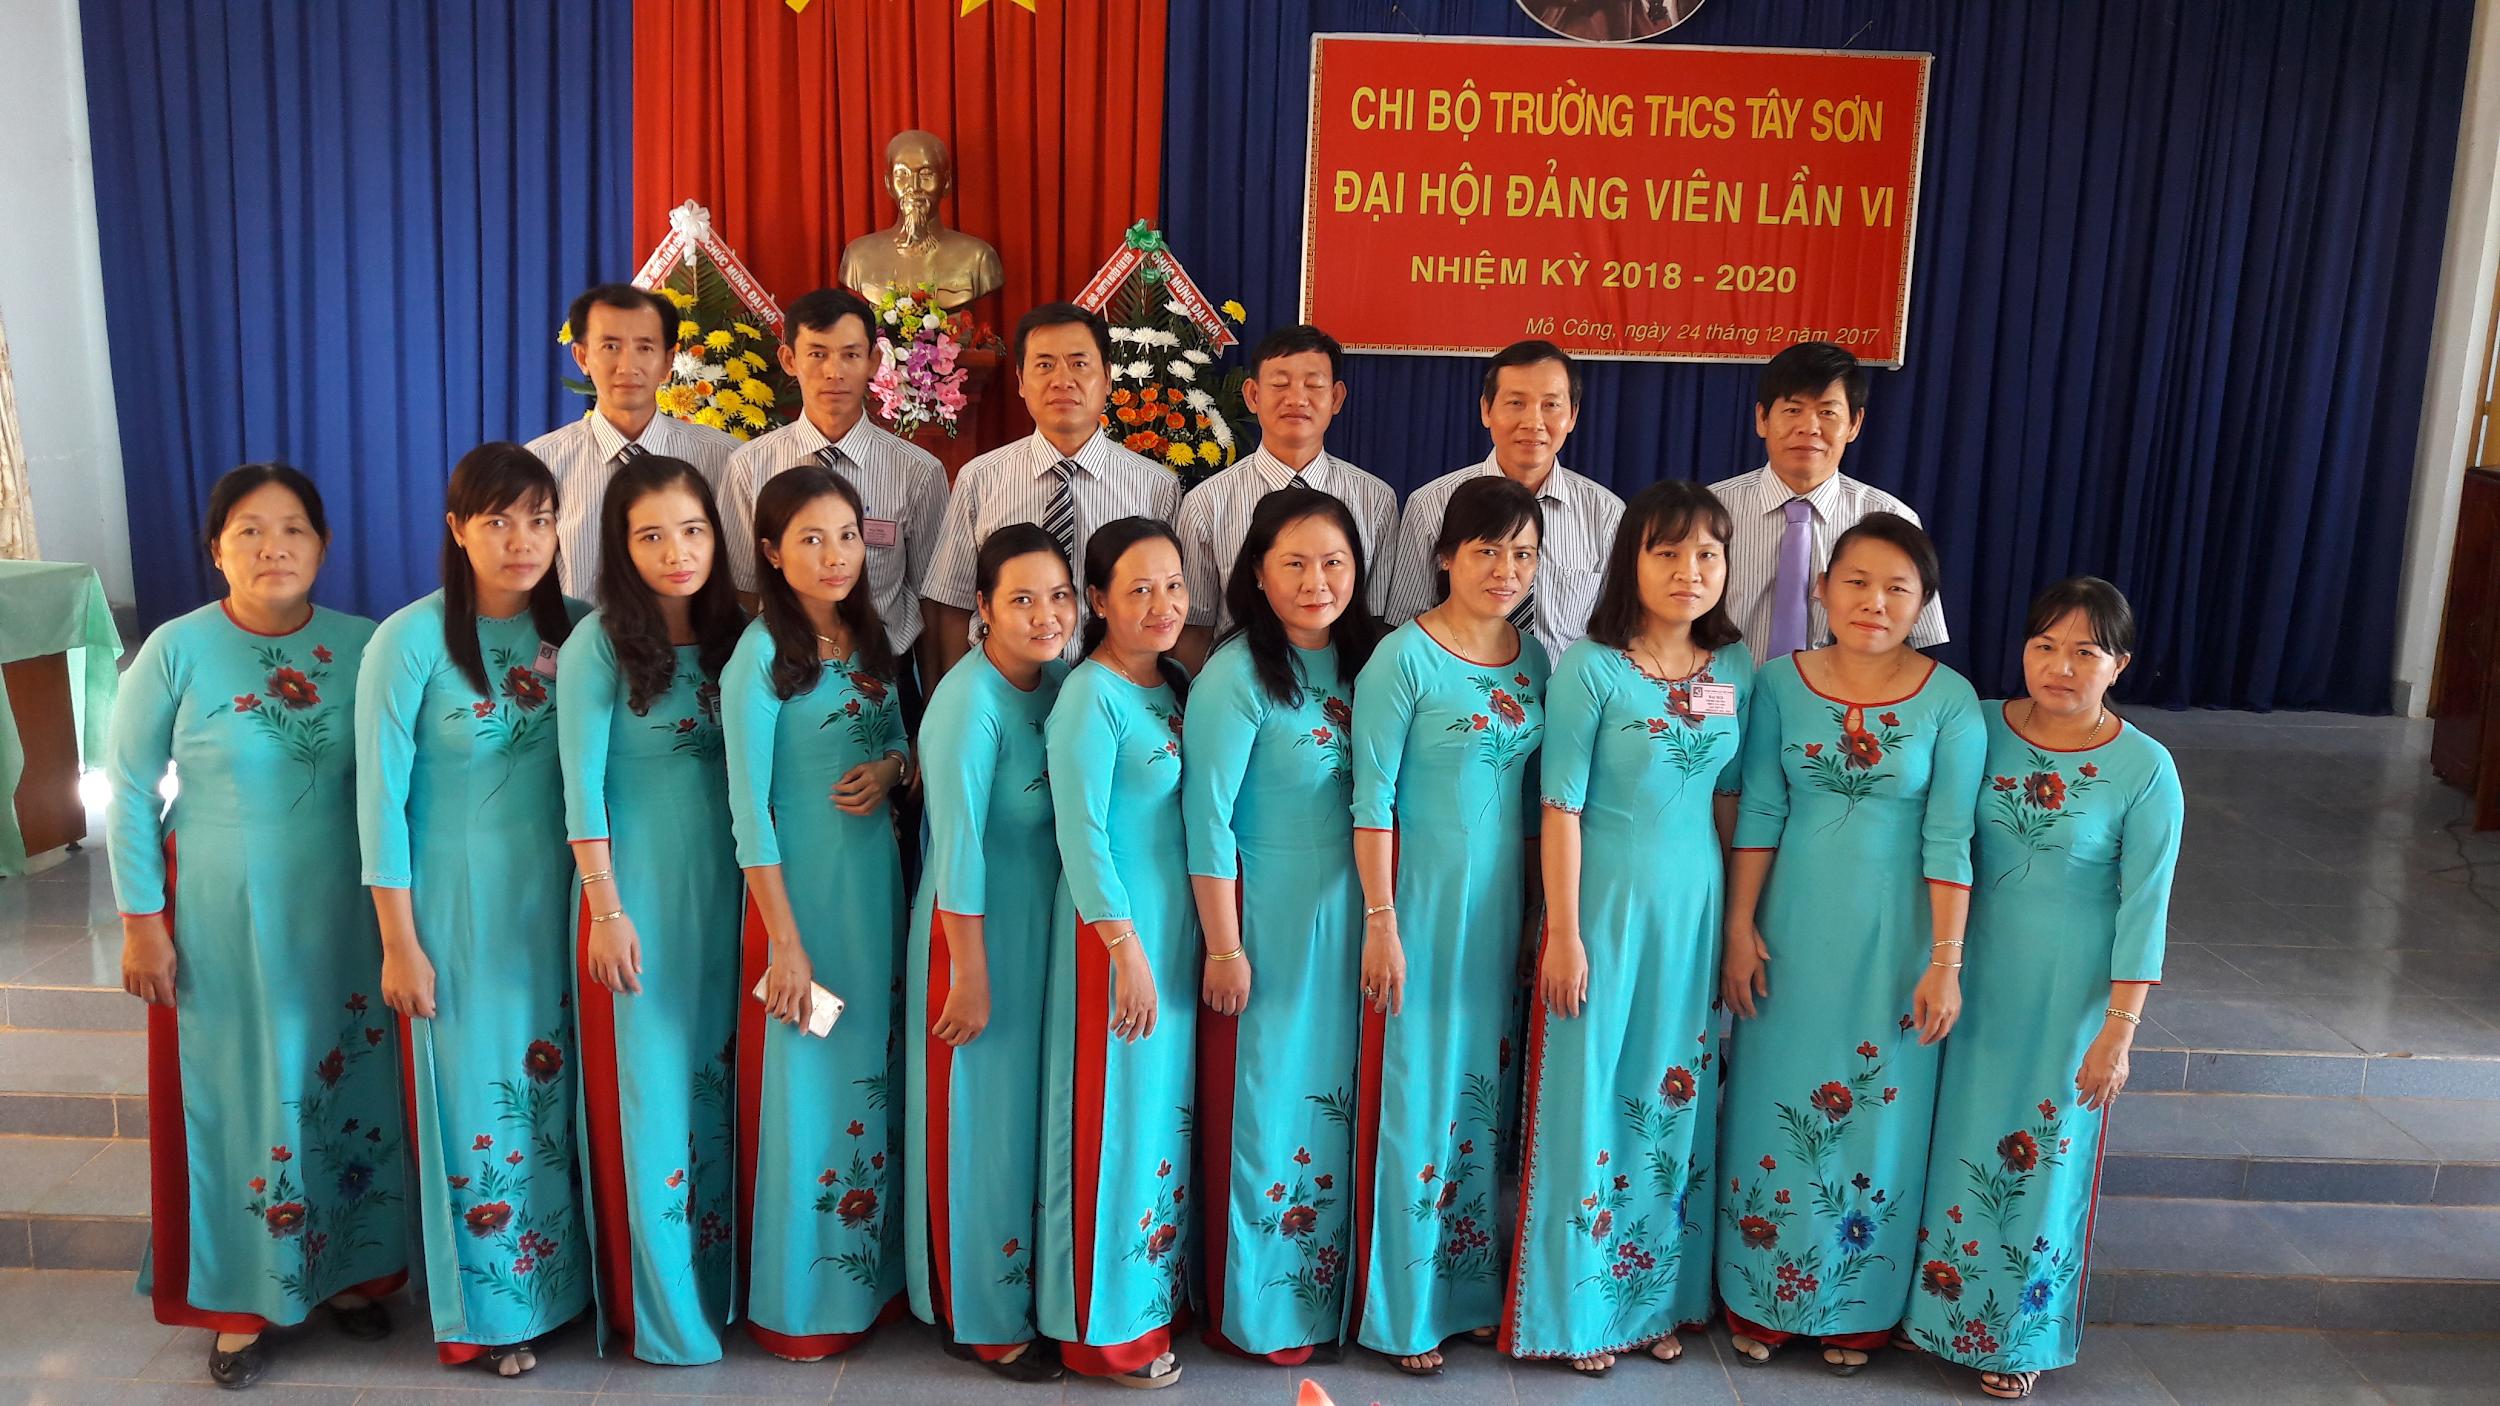 Giới Thiệu Trường THCS Tây Sơn